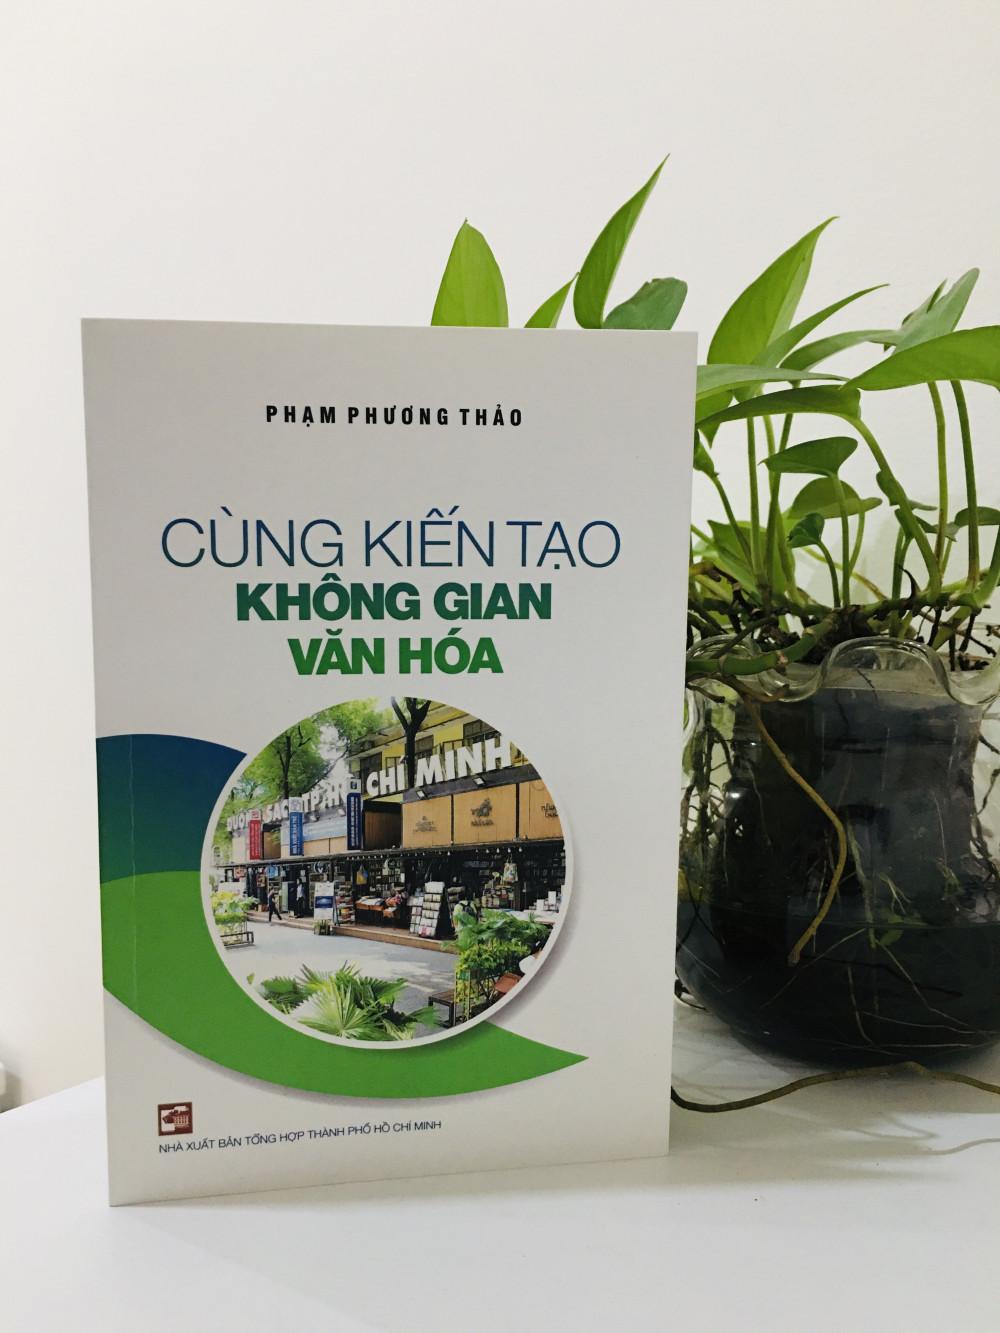 Cùng kiến tạo không gian văn hóa bao gồm 38 bài viết, là góc nhìn toàn diện của tác giả về những vấn đề liên quan đến văn hóa của TPHCM